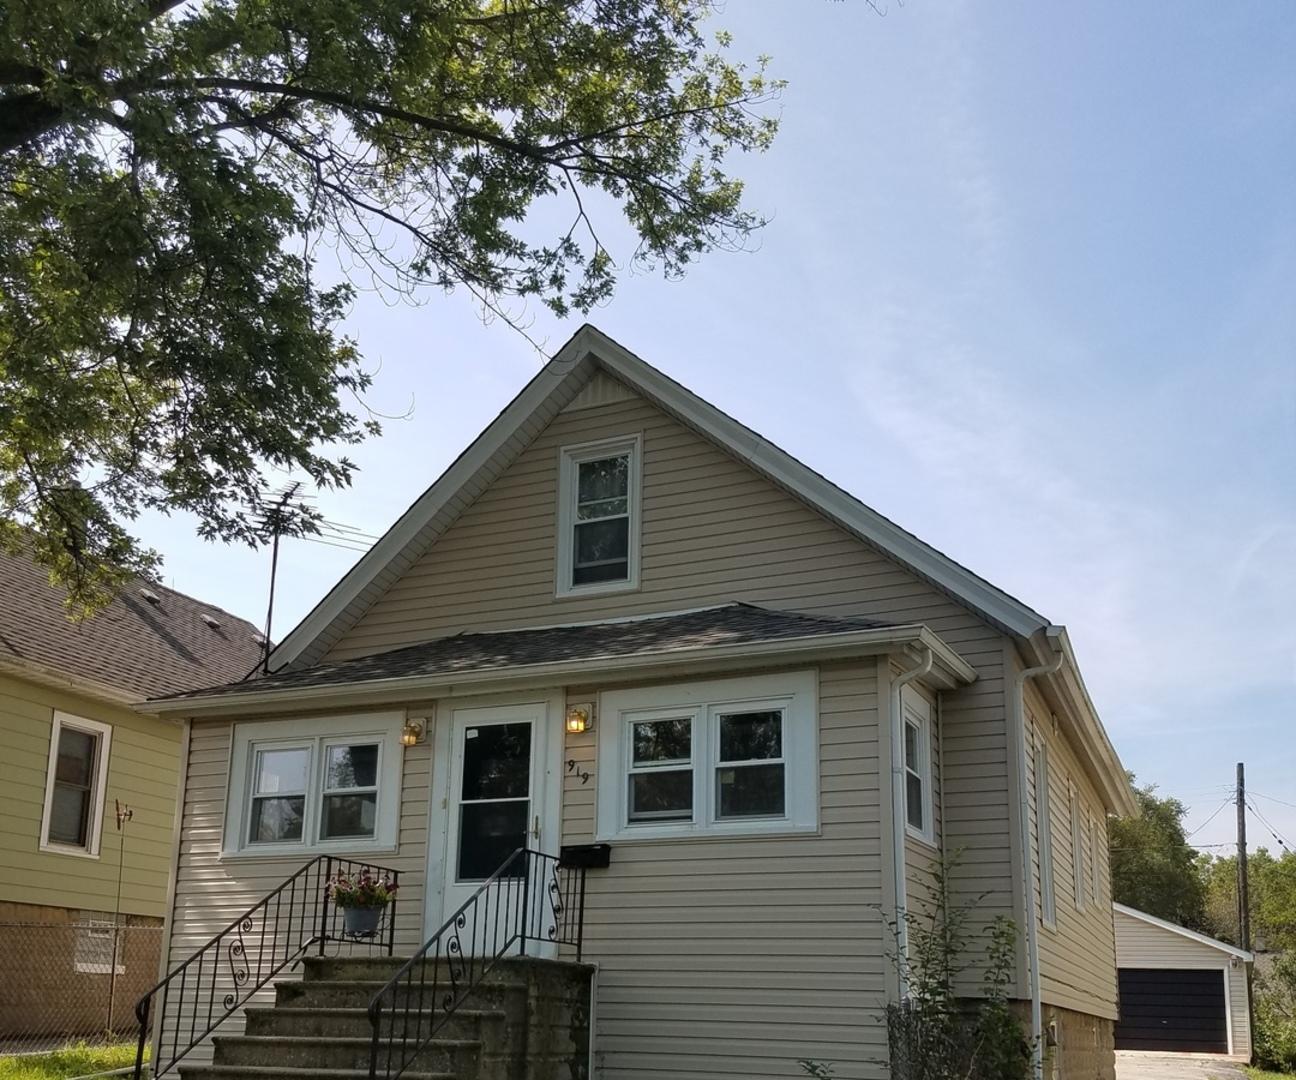 919 Deephaven, Joliet, Illinois, 60432